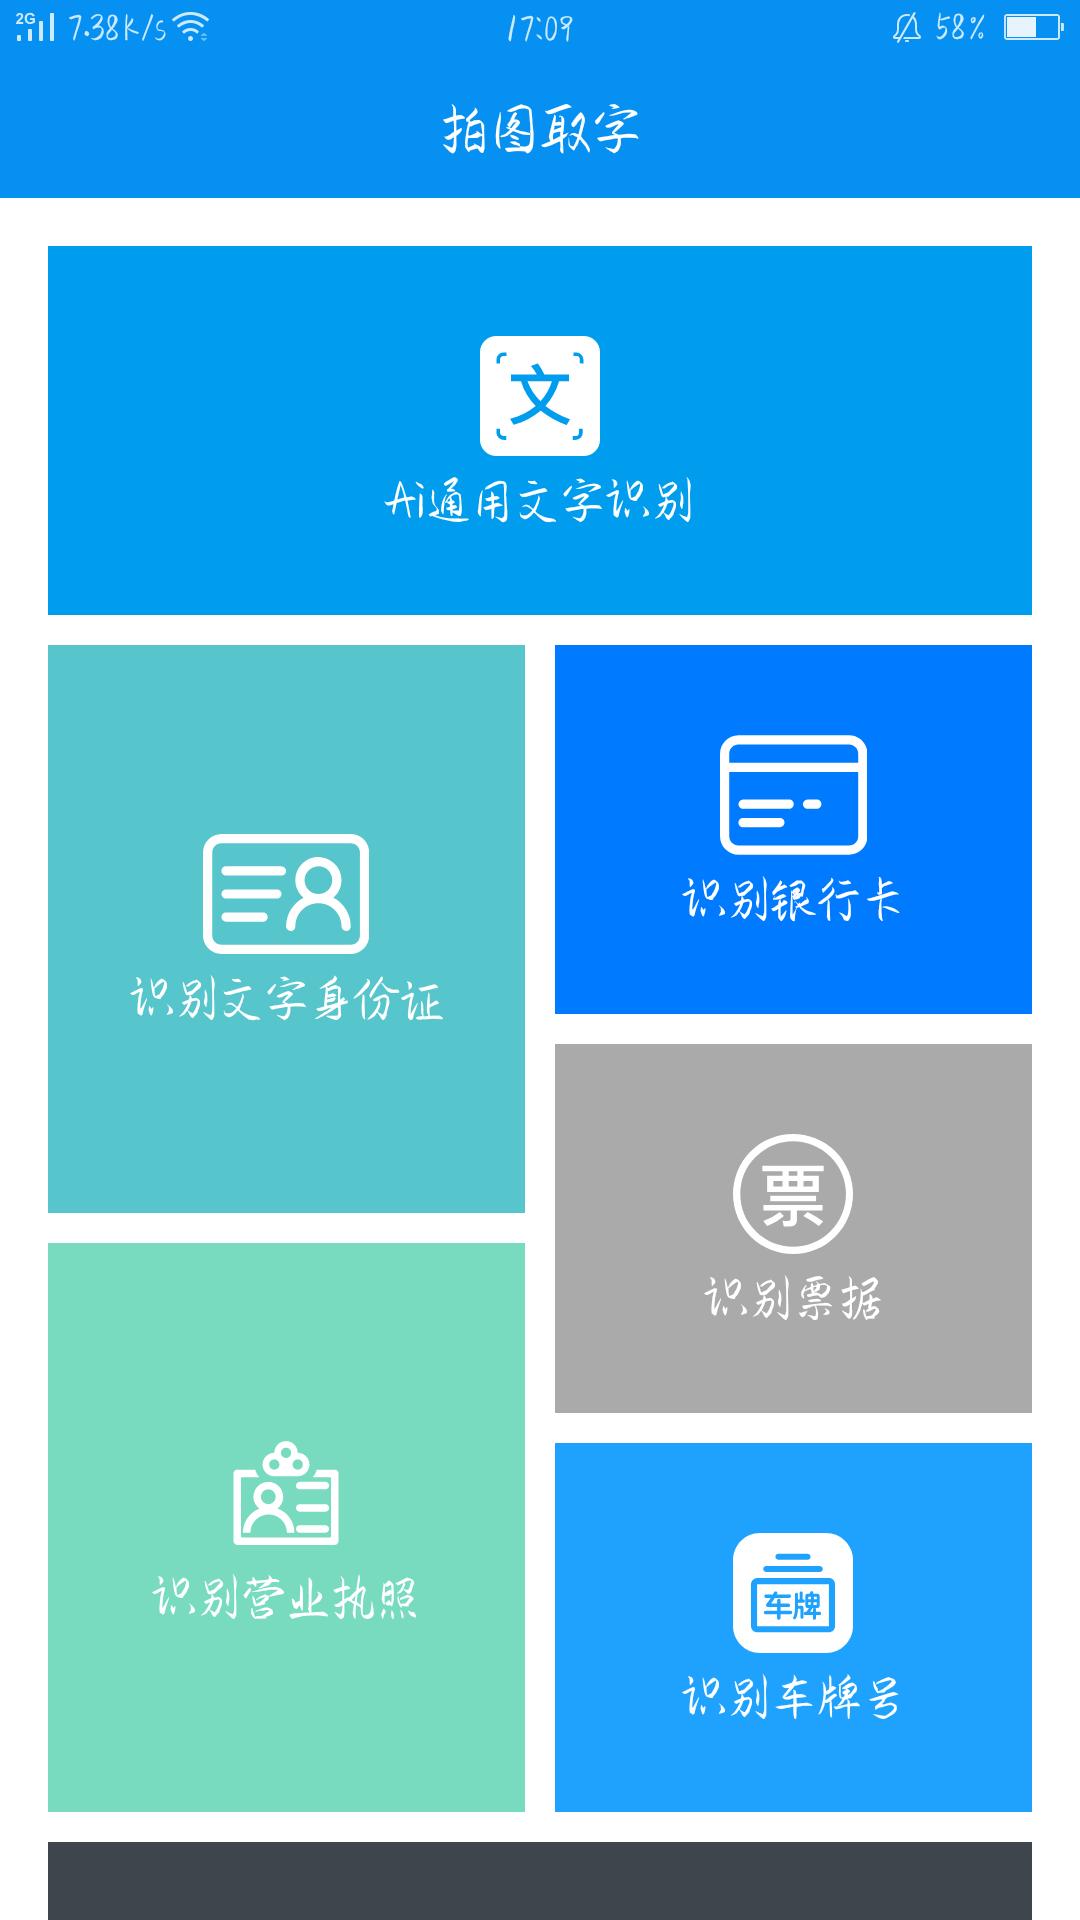 拍图取字官方客户端下载 v1.0截图